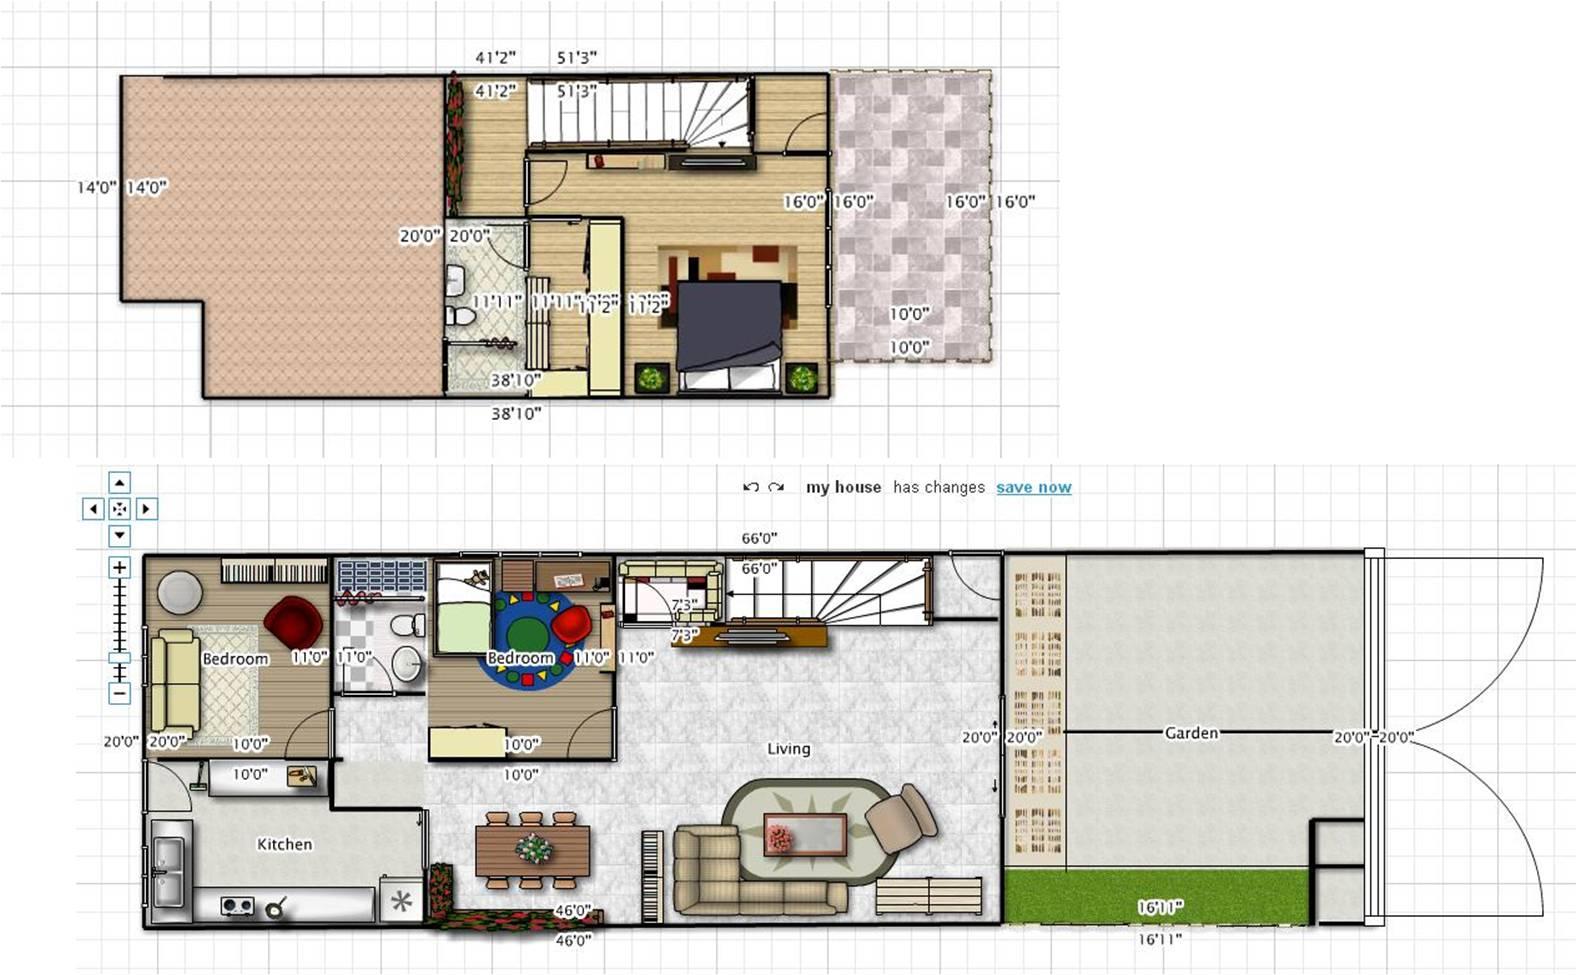 大家都能一起参与设计自己的房子